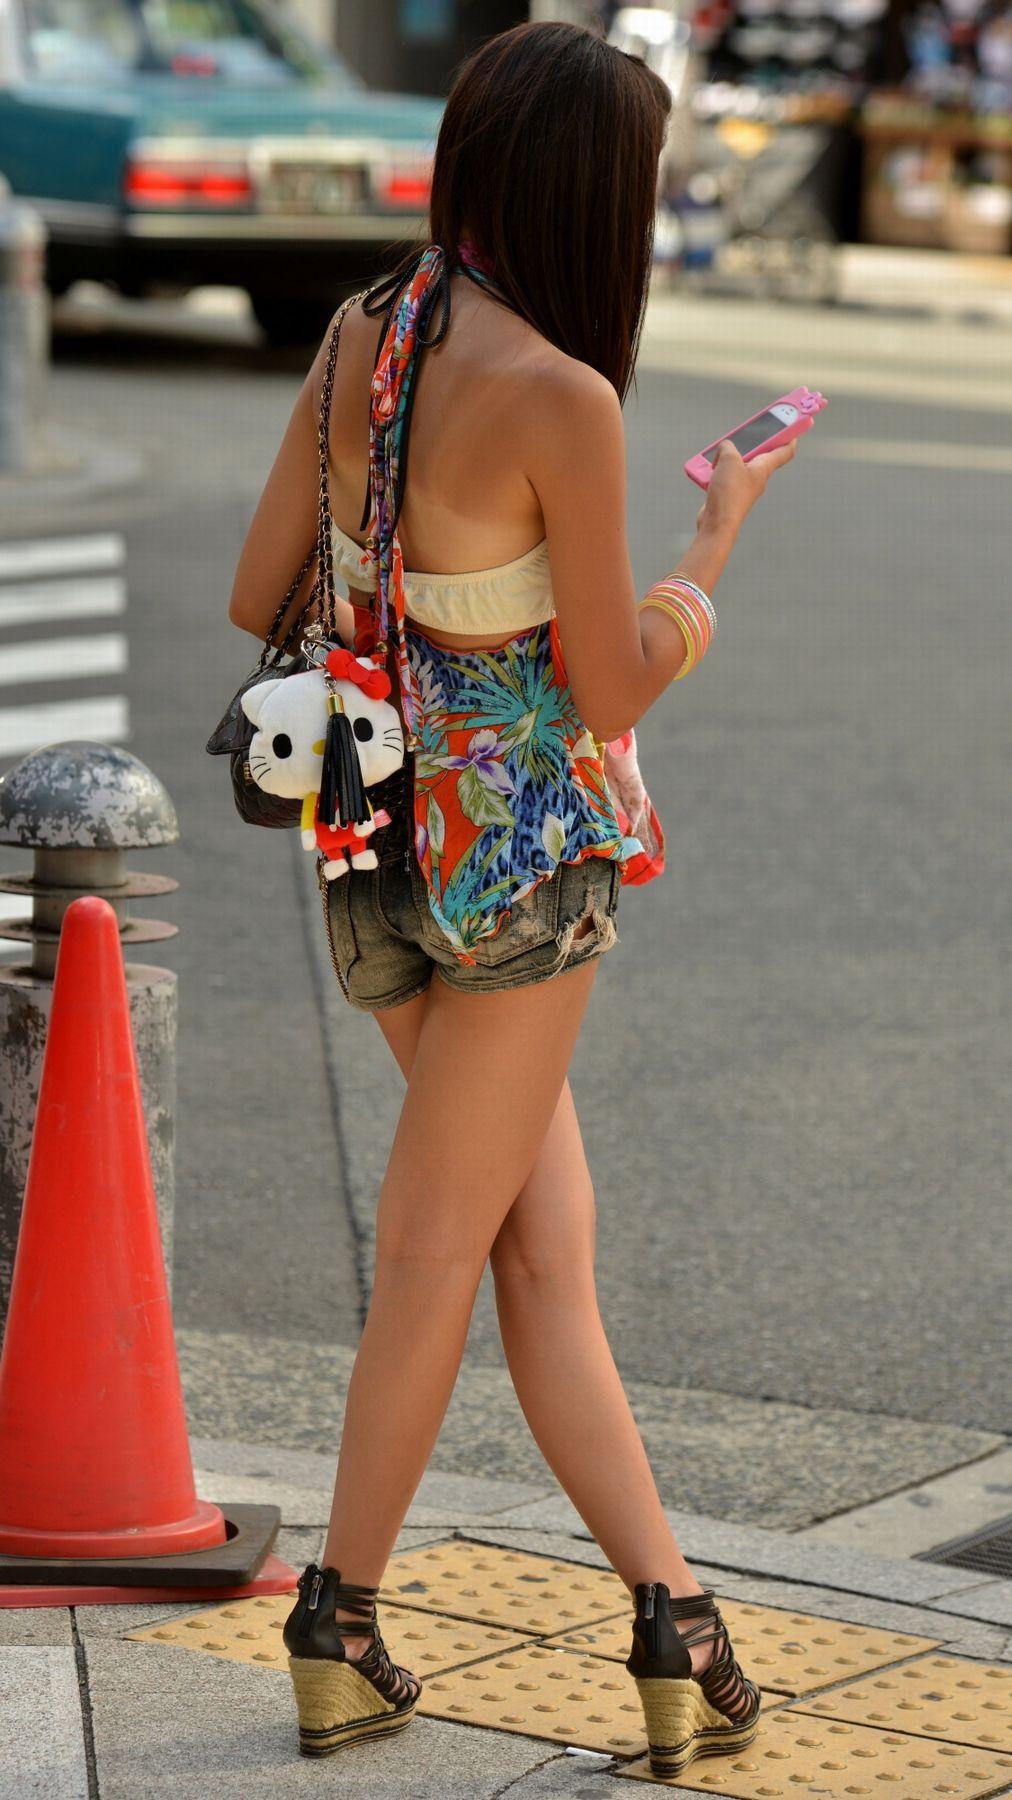 【美脚エロ画像】ある意味半分は裸w街角ショーパン女子のそそる美脚www 22